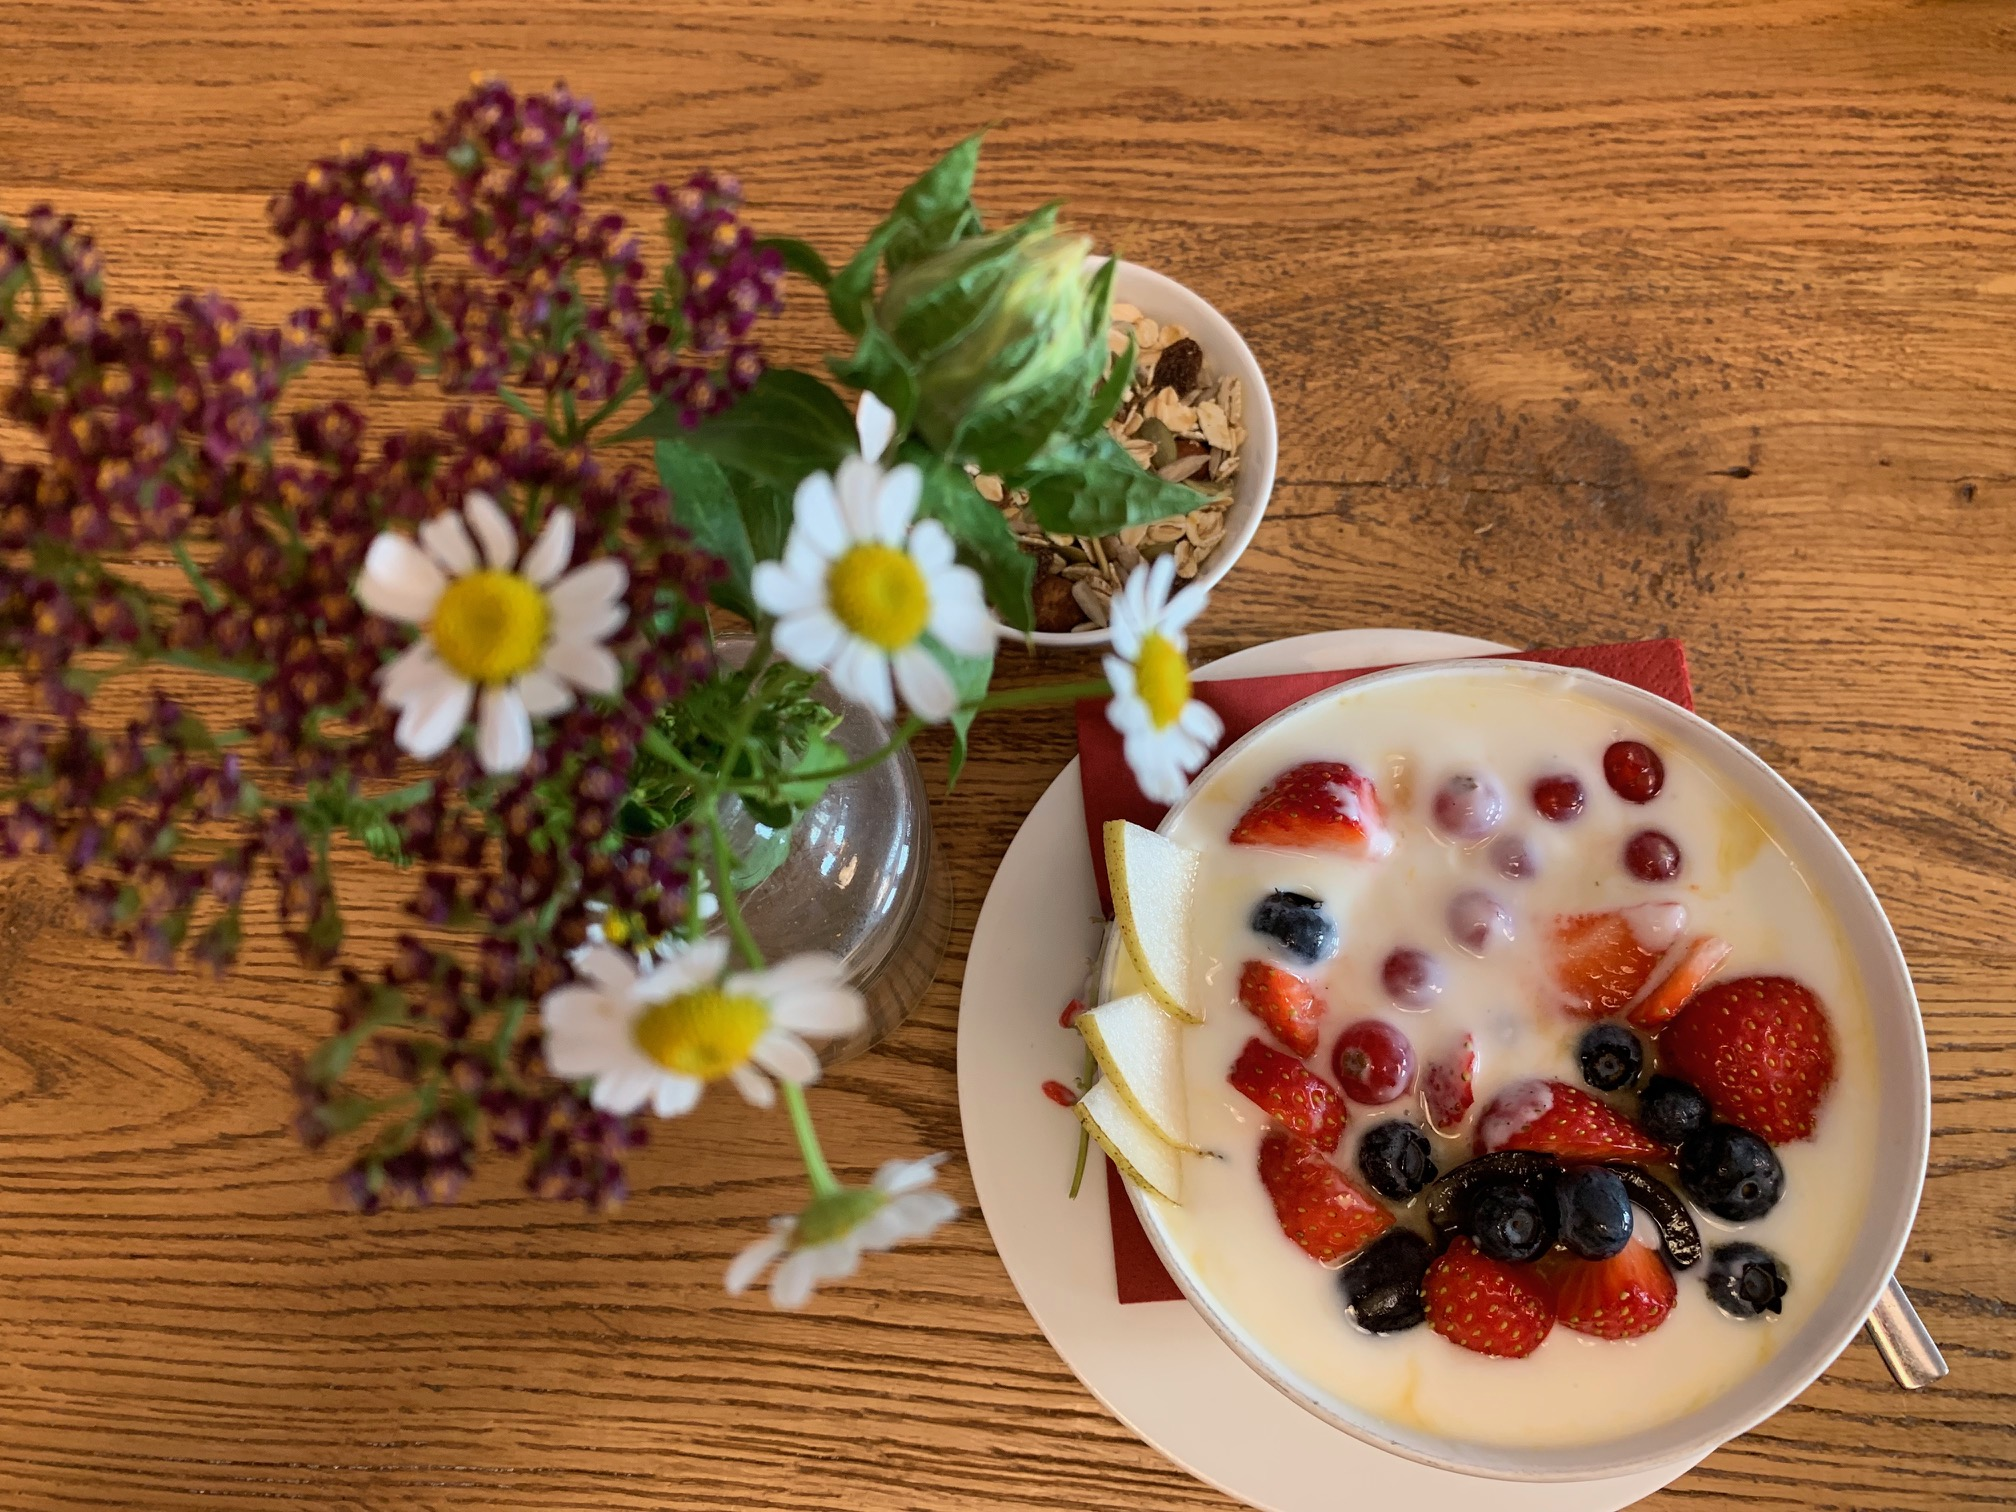 Frühstück Bäckerei Fischer: Joghurt mit frischen Früchten